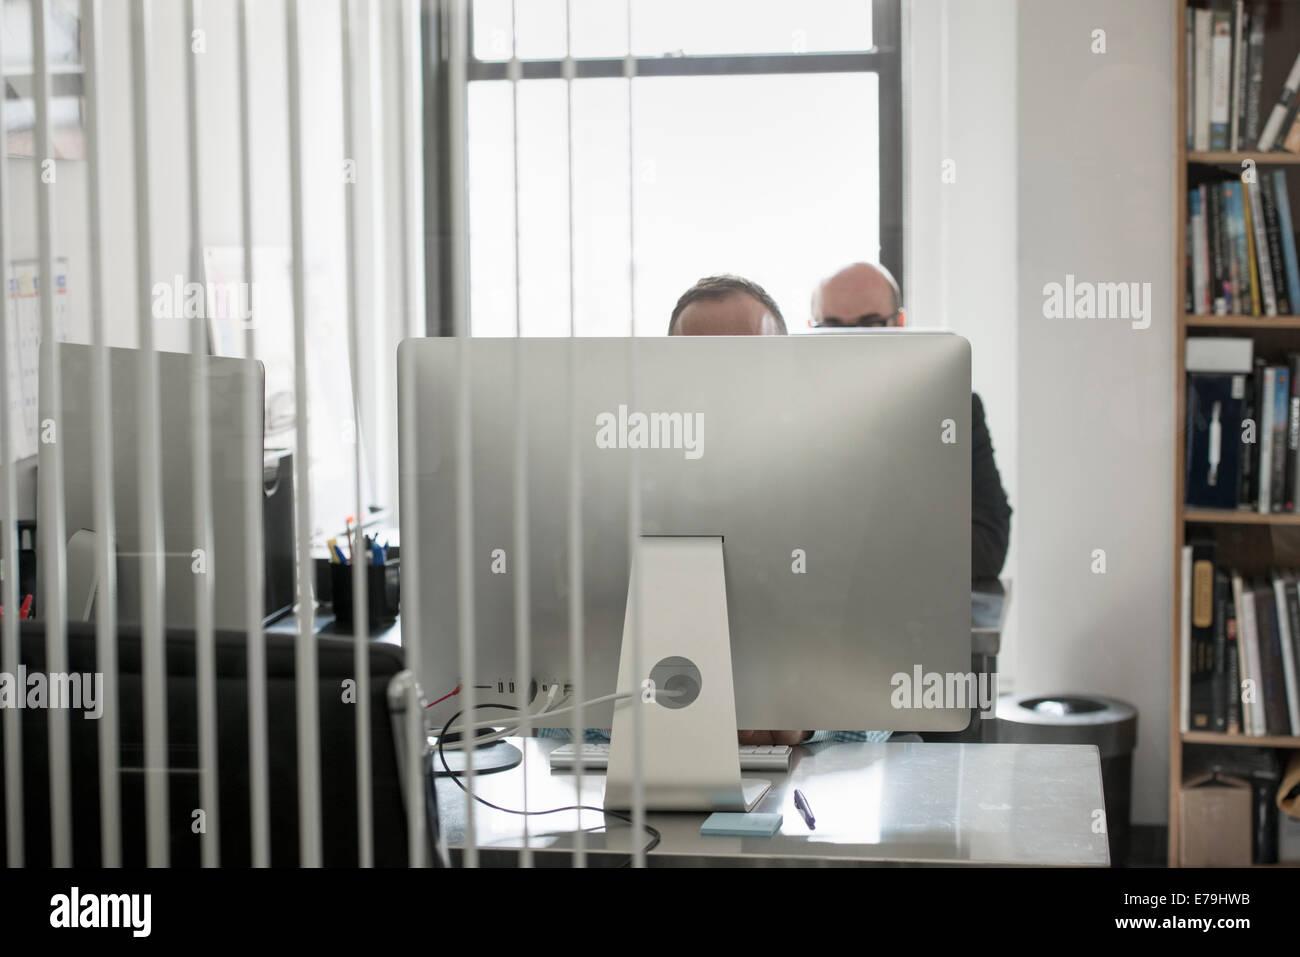 La vie de bureau. Deux personnes assises à un bureau derrière un ordinateur. Photo Stock